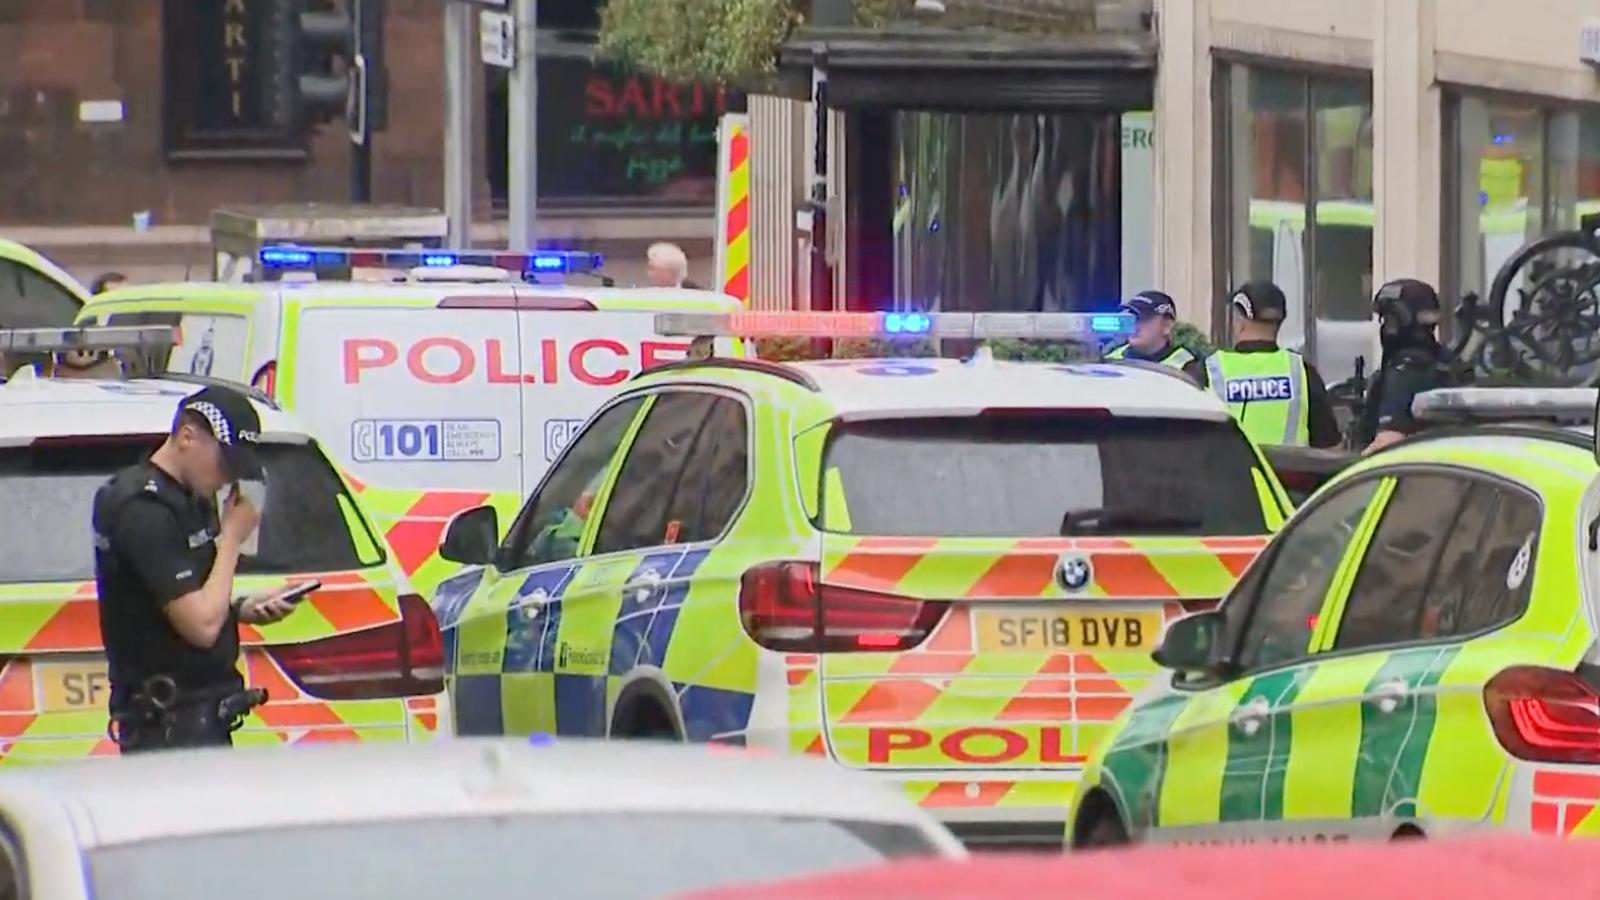 glasgow-scotland-police